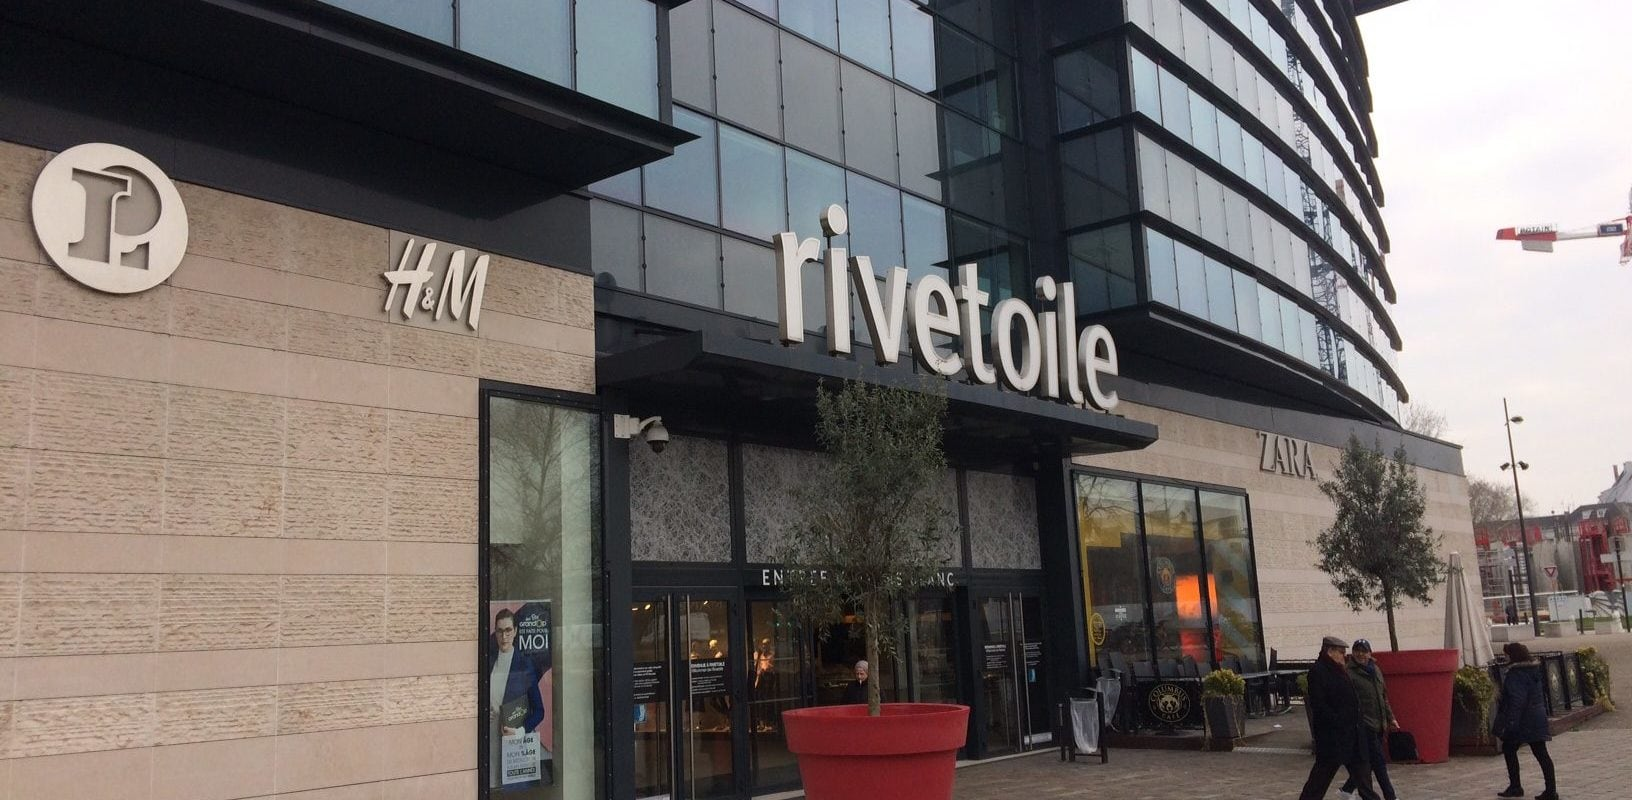 Le centre commercial Rivétoile veut s'agrandir